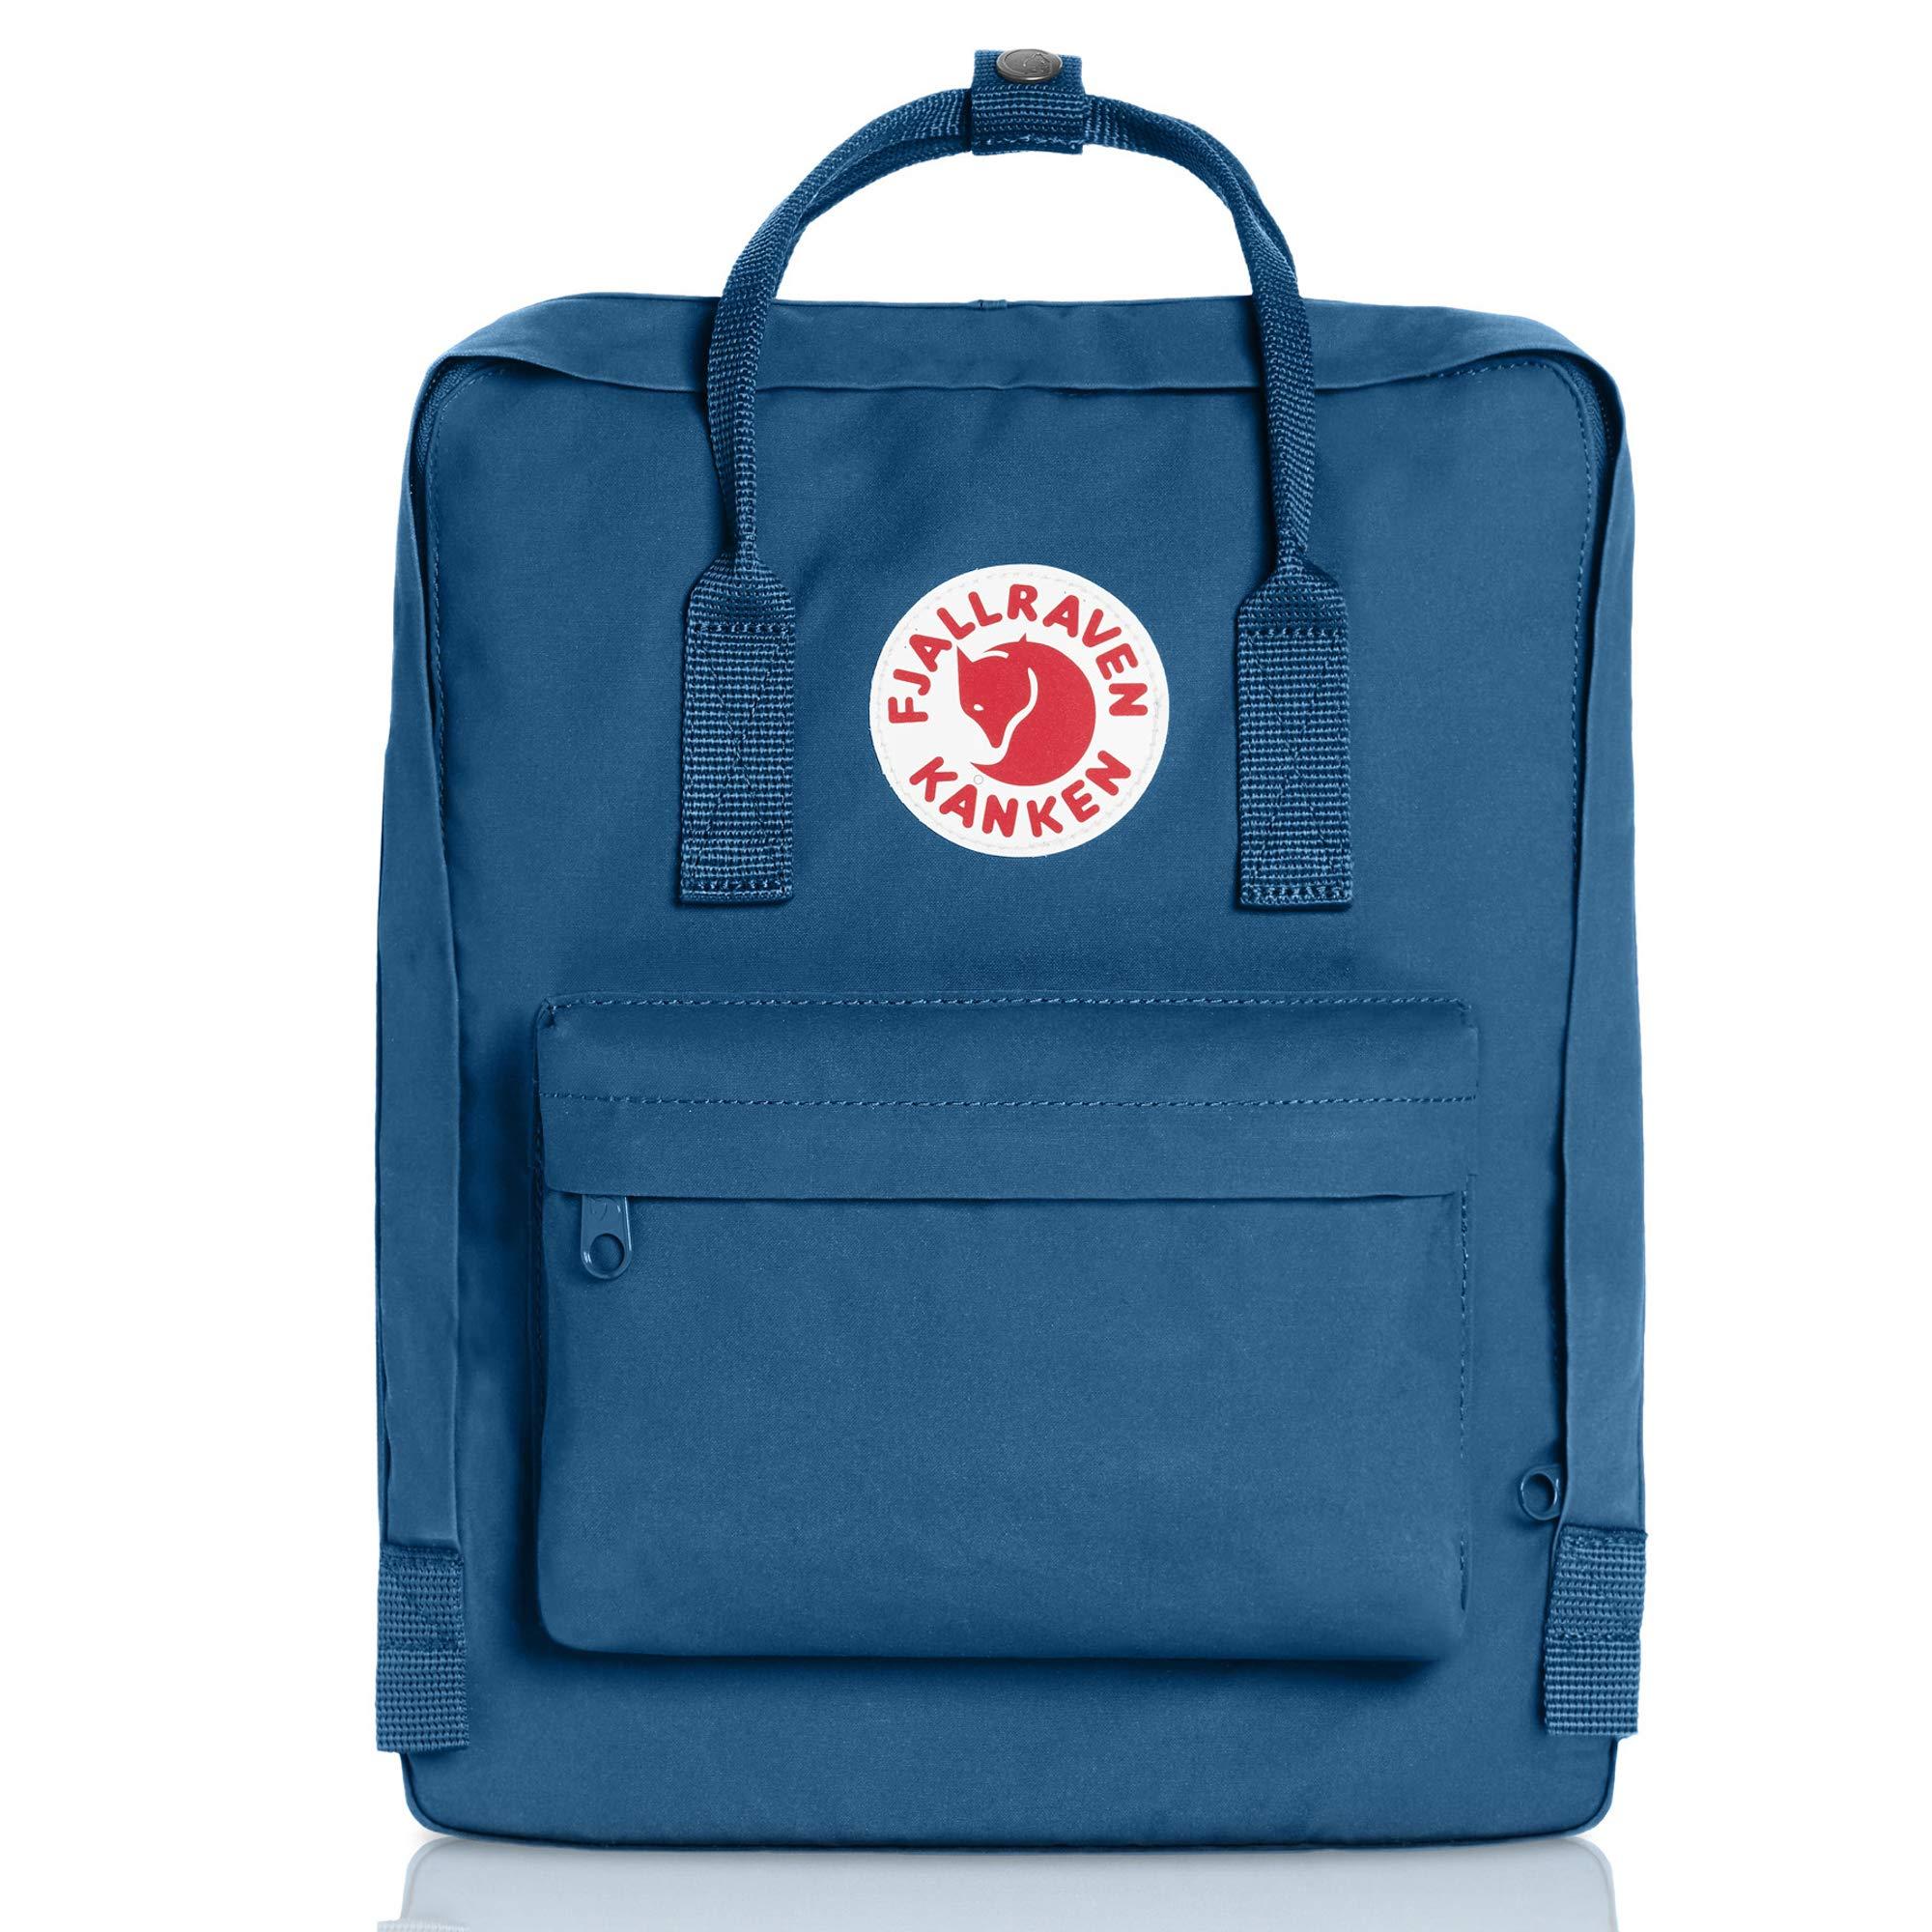 wyprzedaż tania wyprzedaż przemyślenia na temat Fjallraven - Kanken Classic Backpack for Everyday, Glacier Green